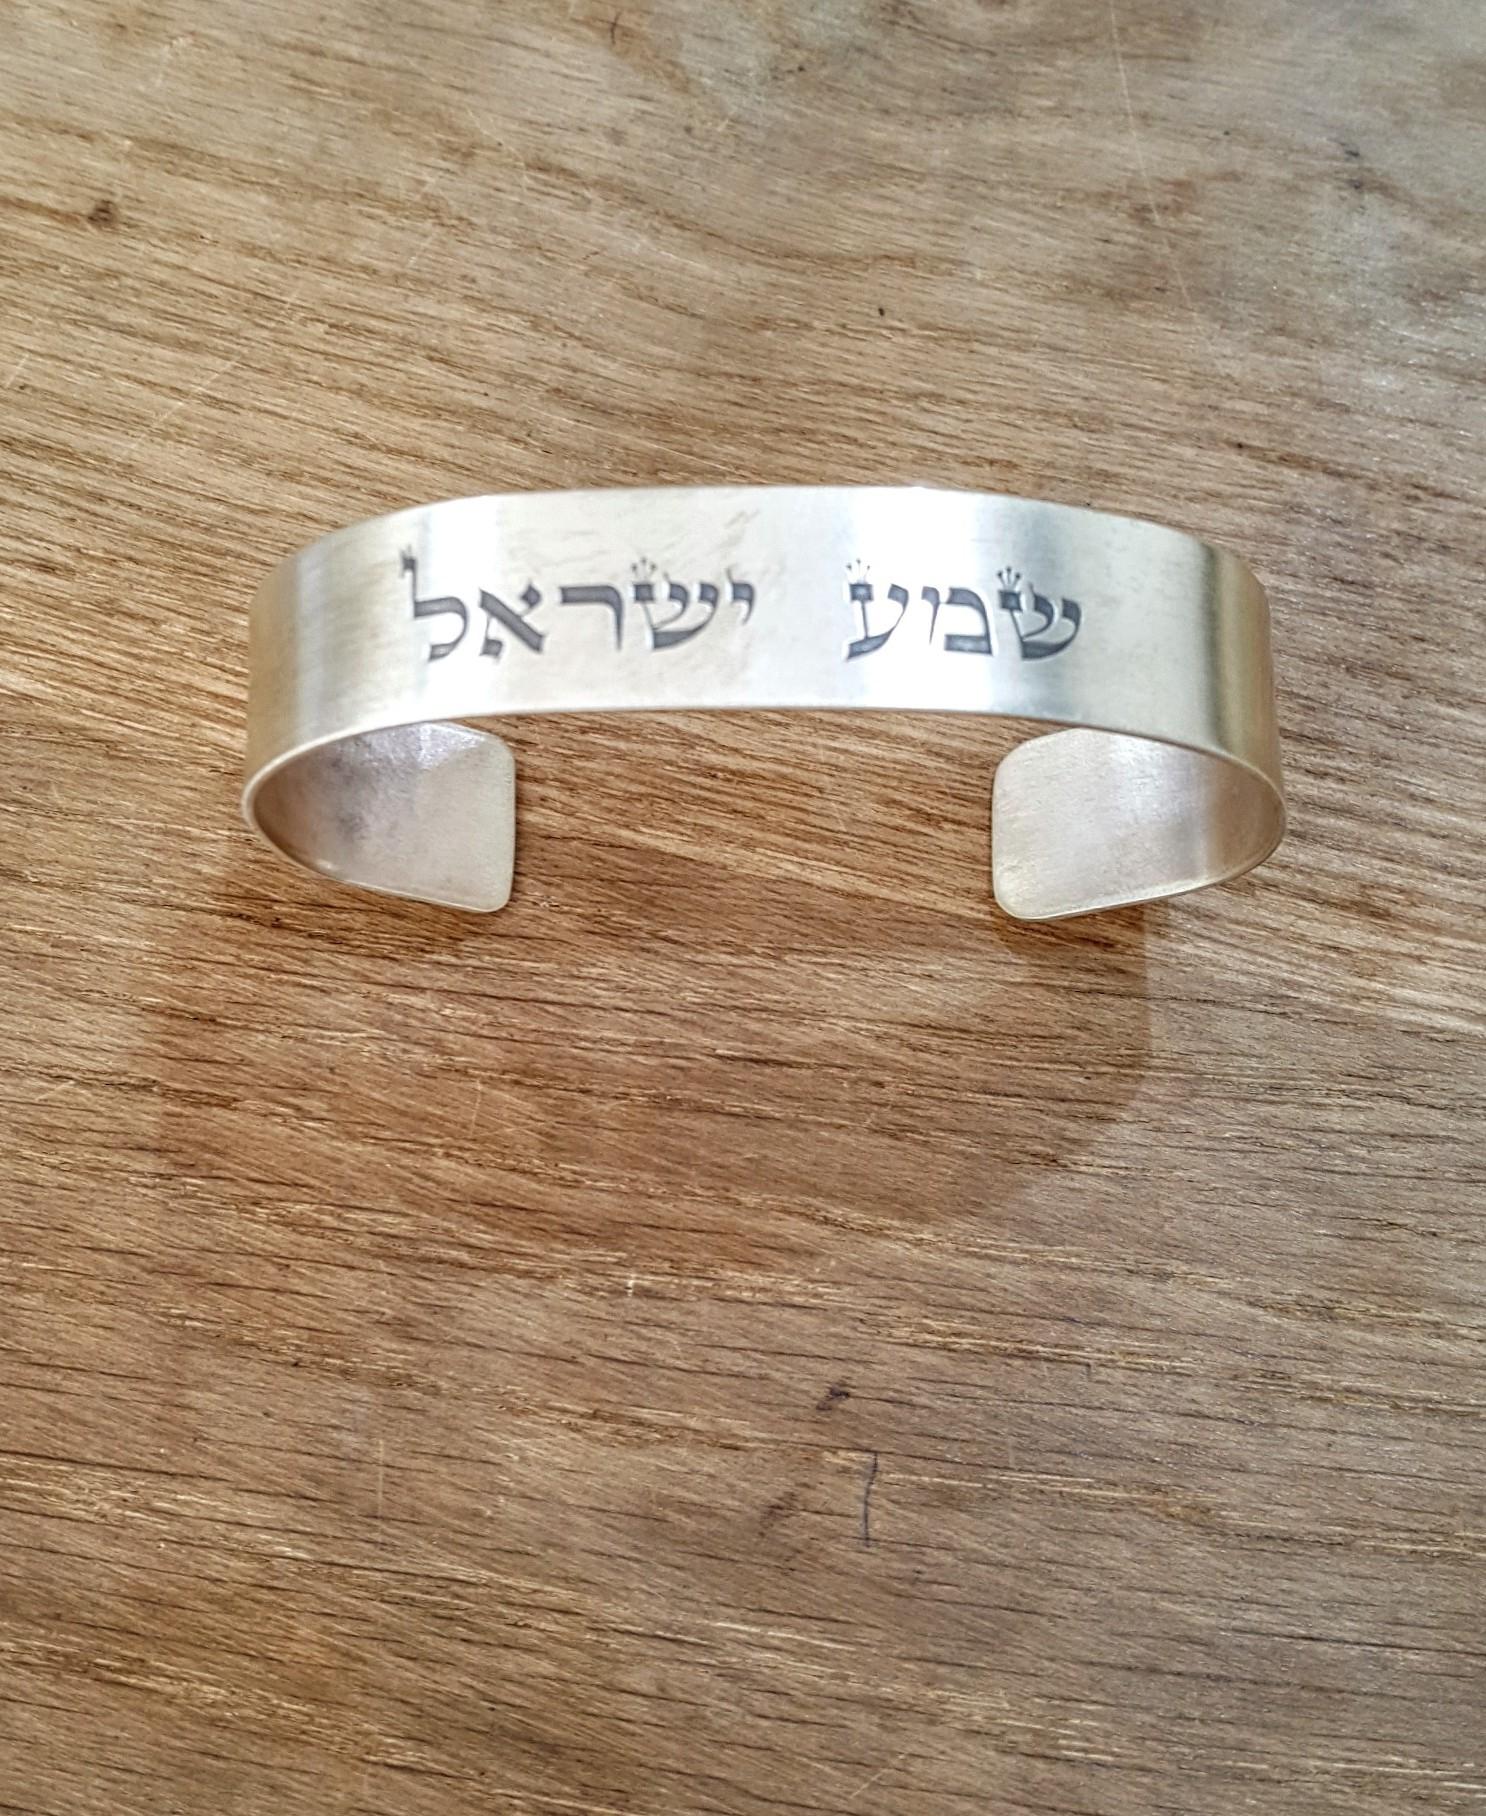 Gift from Israel Israeli Bracelet Hamsa Israeli Jewelry Hebrew Gift Jewish Bracelet Jewish Gift Hebrew Bracelet Coin Bracelet